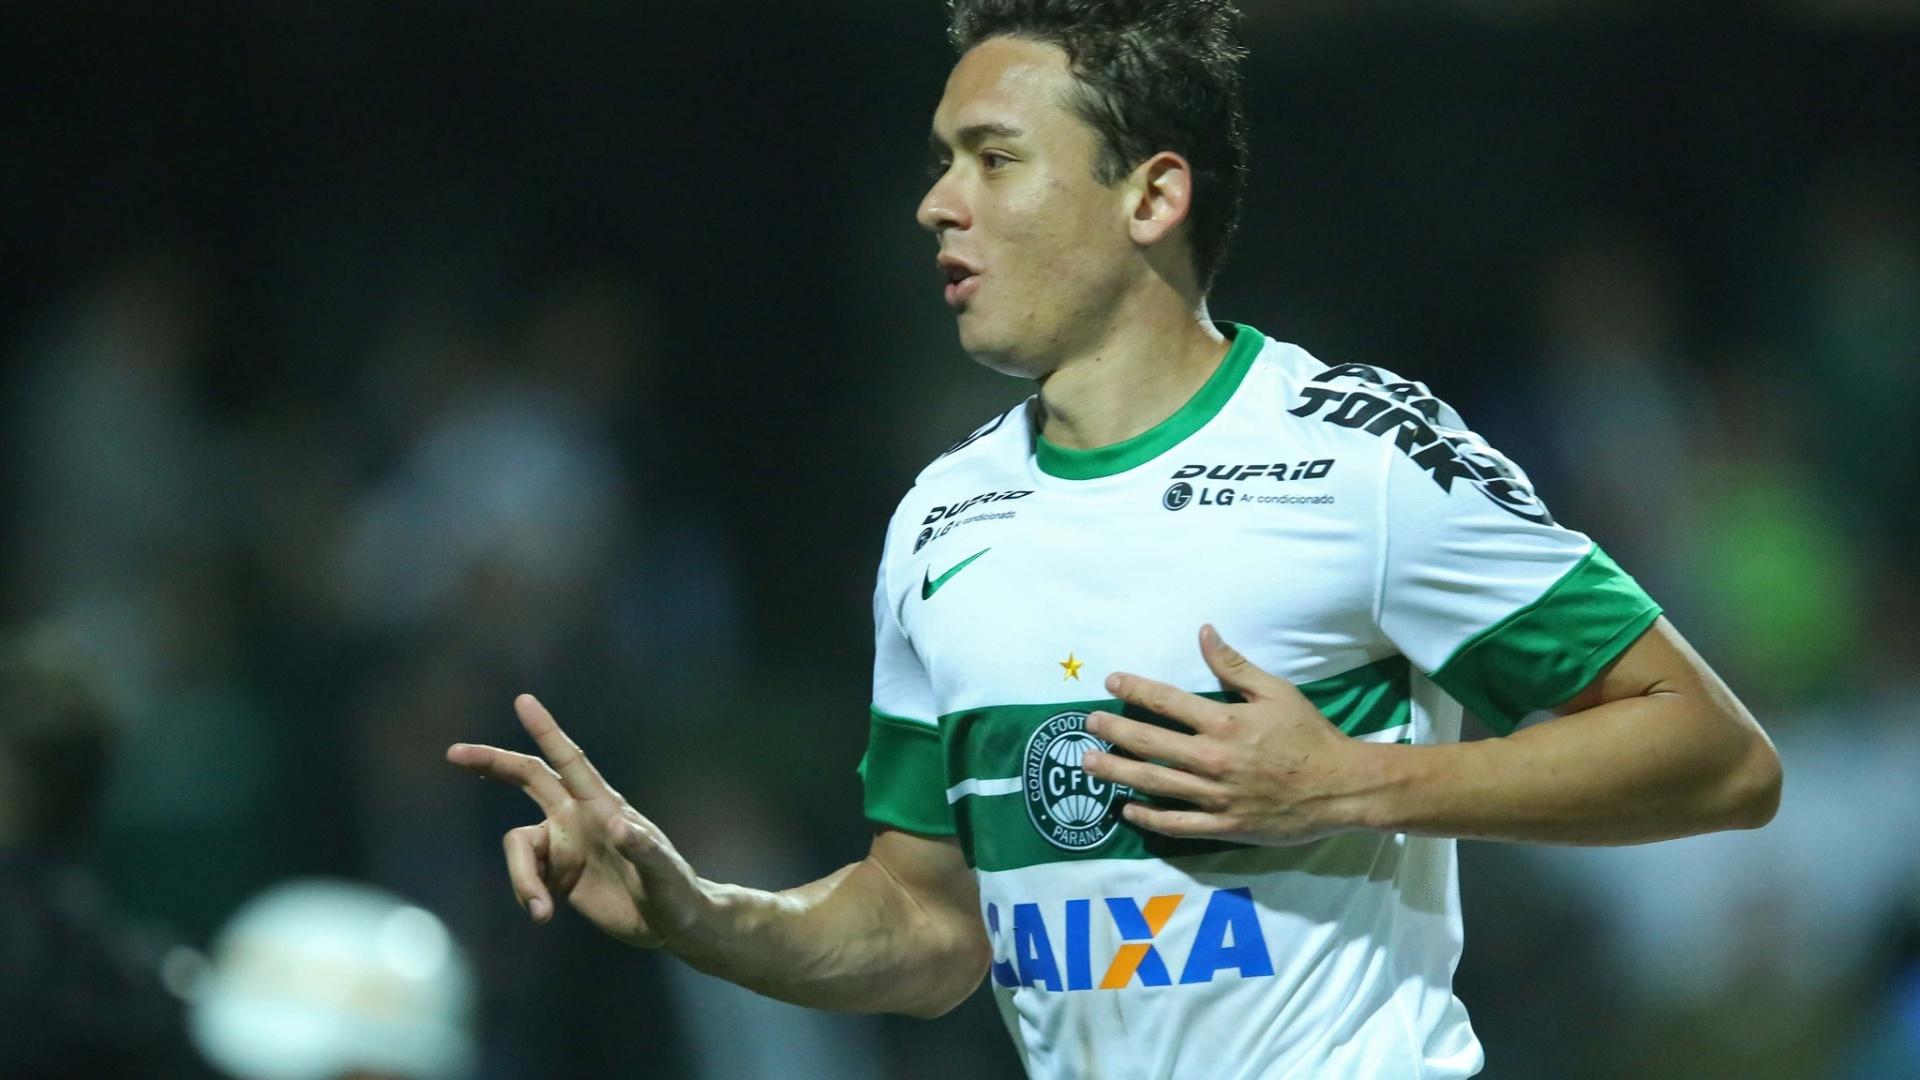 Keirrison comemora gol do Coritiba contra o Vitória pelo Brasileirão